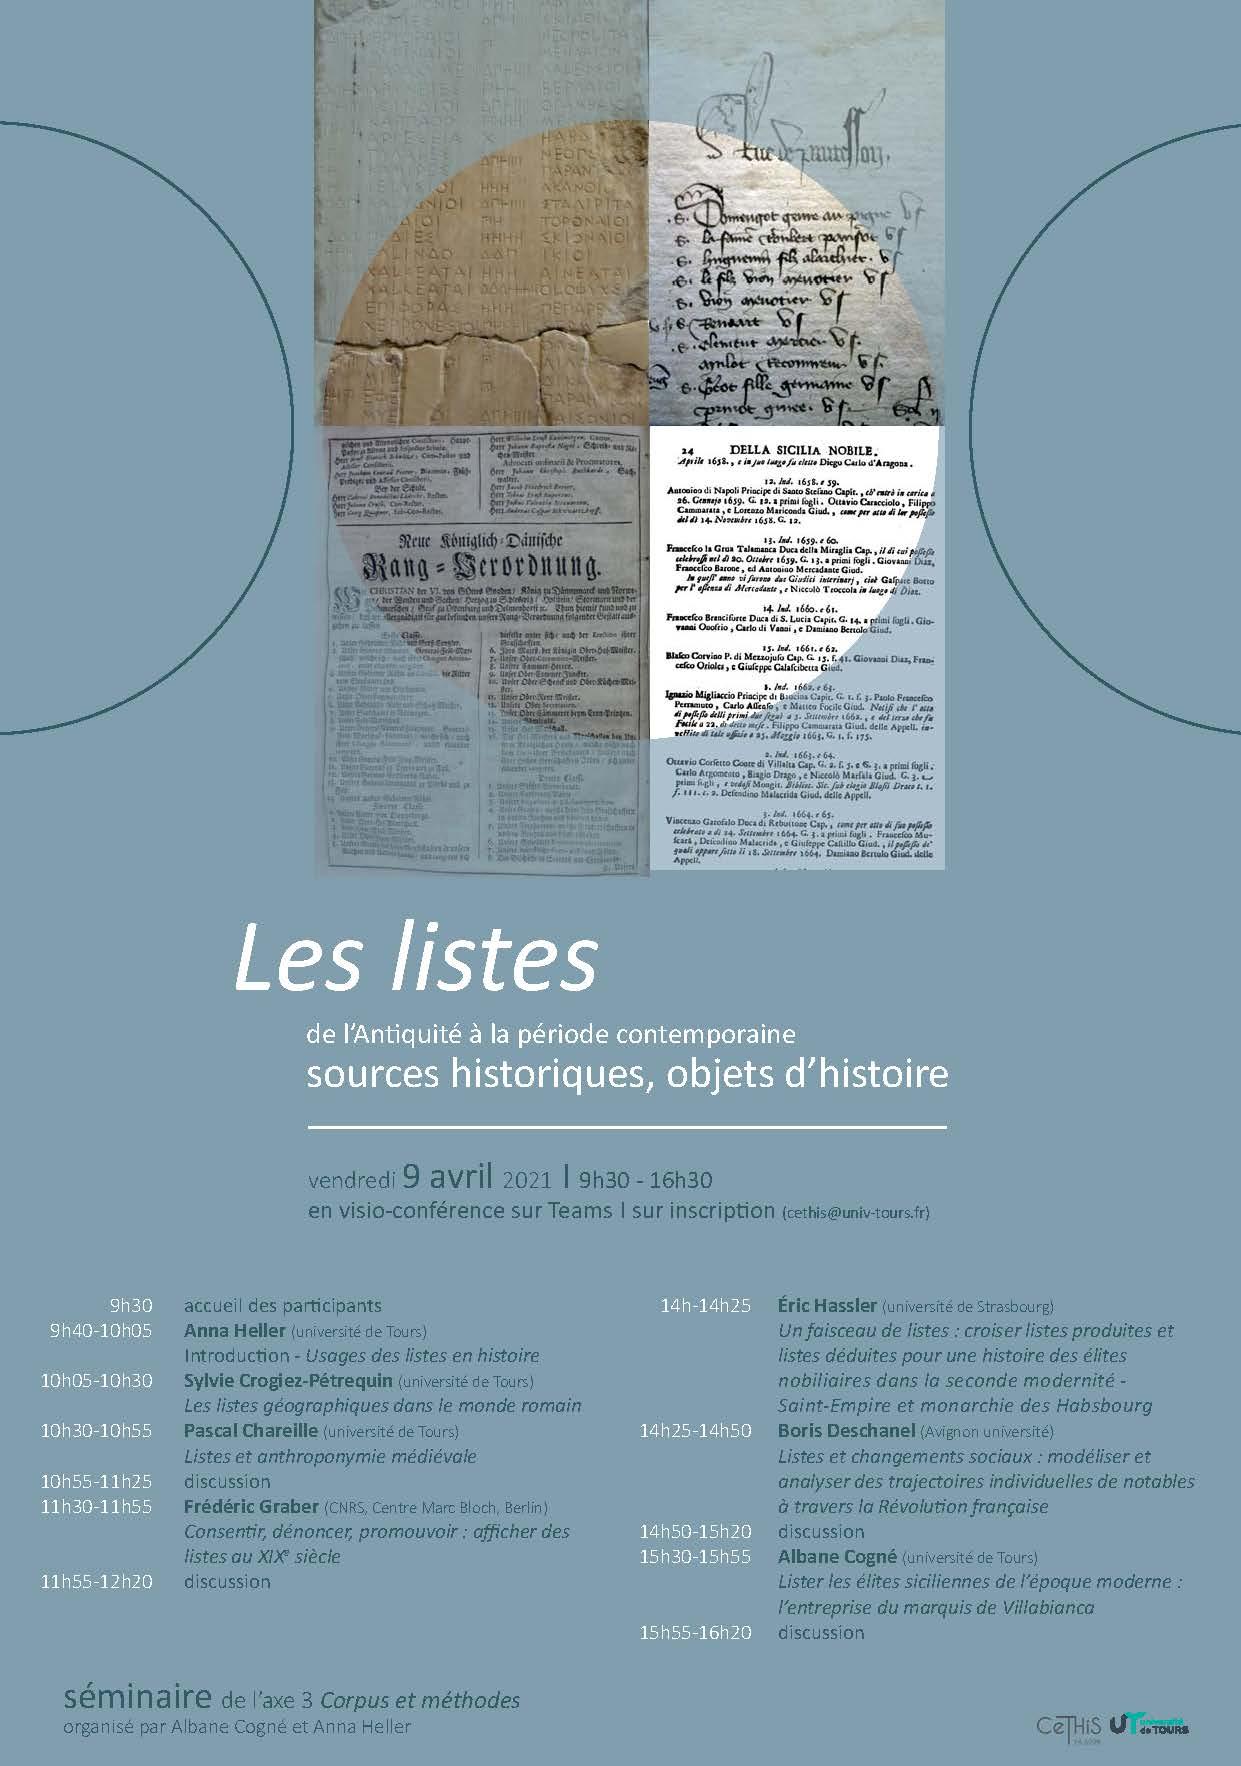 Les listes, objets d'histoire